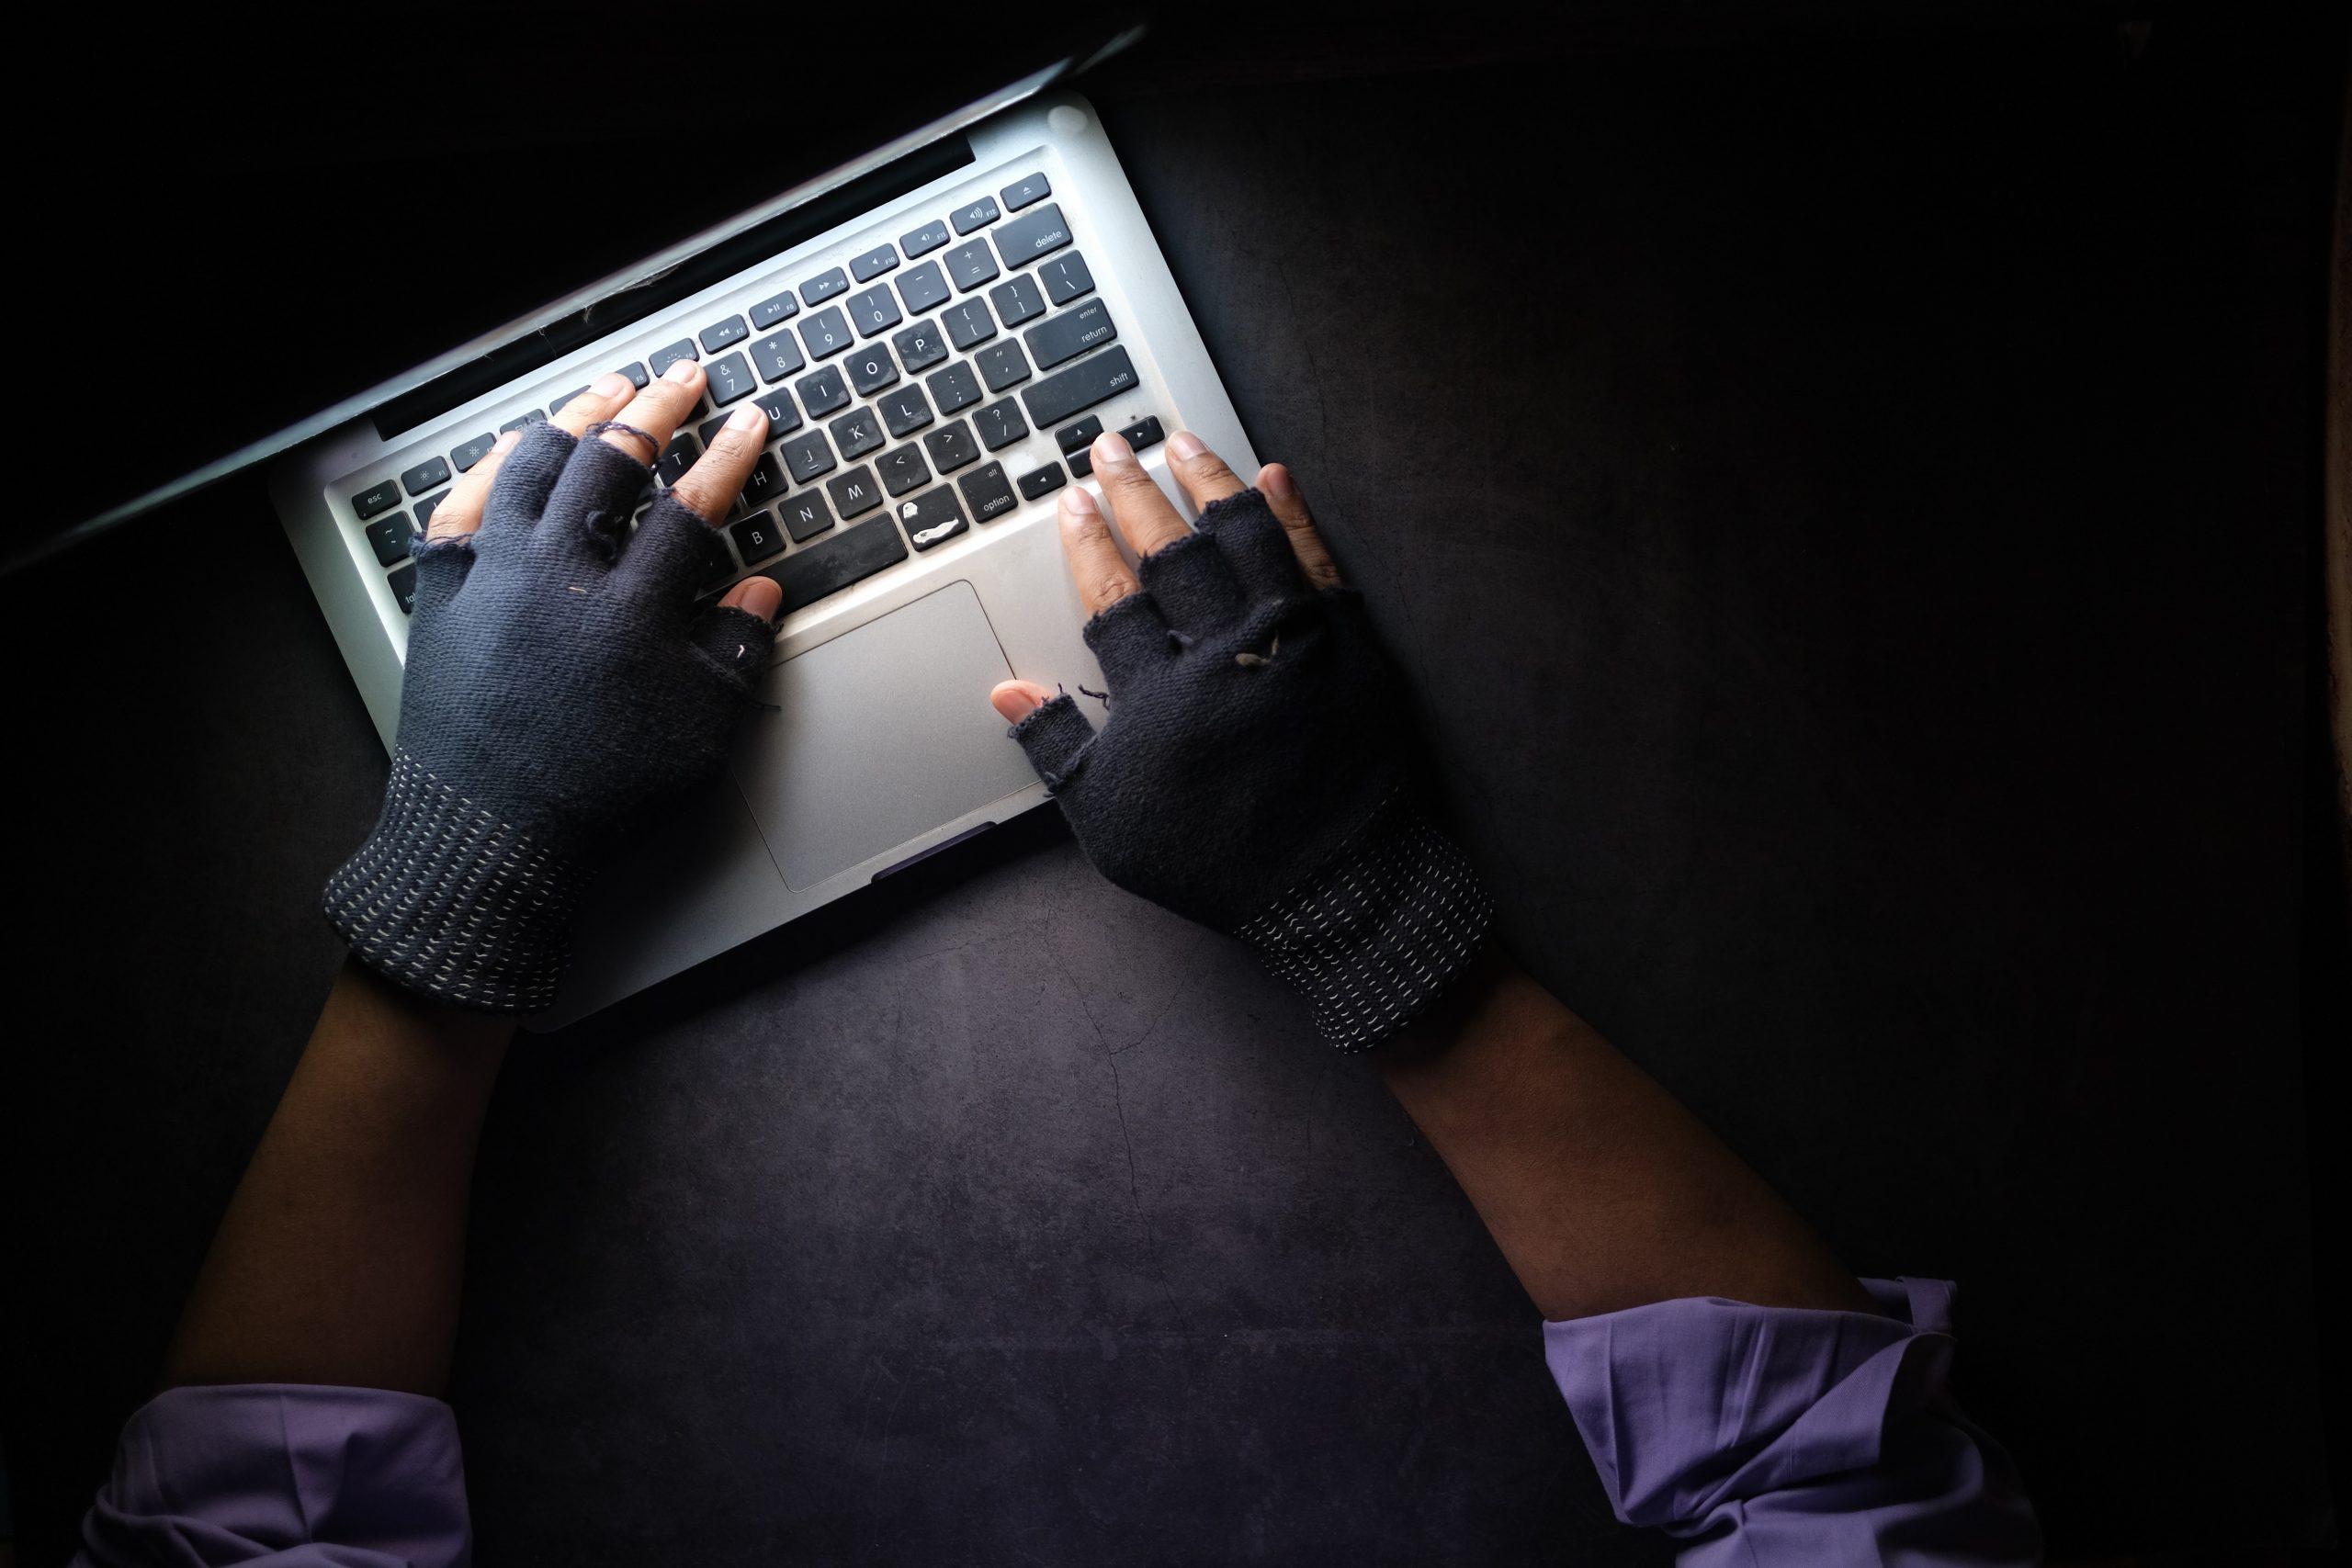 Alertă la Universitatea Politehnica din București. Instituția a fost atacată de hackeri care au sustras CNP-urile unor studenți